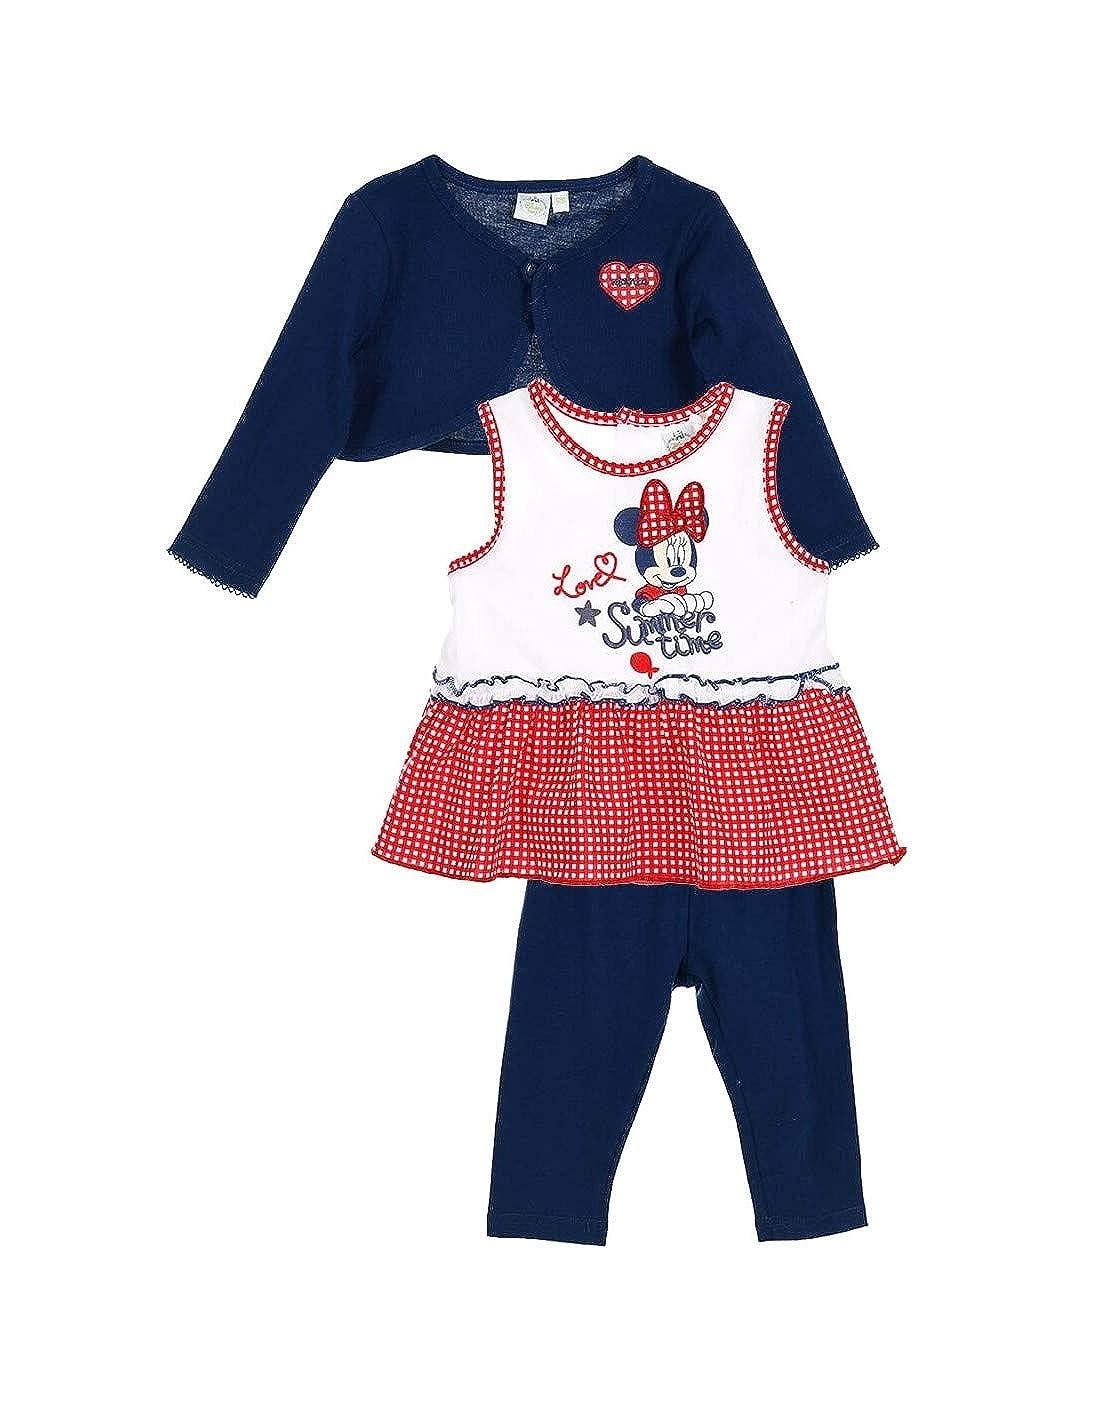 Minnie Ensemble Legging, Top et Gilet bébé Fille Rouge et Marine de 3 à 24mois Top et Gilet bébé Fille Rouge et Marine de 3 à 24mois E3PC-BF-MIN-AQE0013